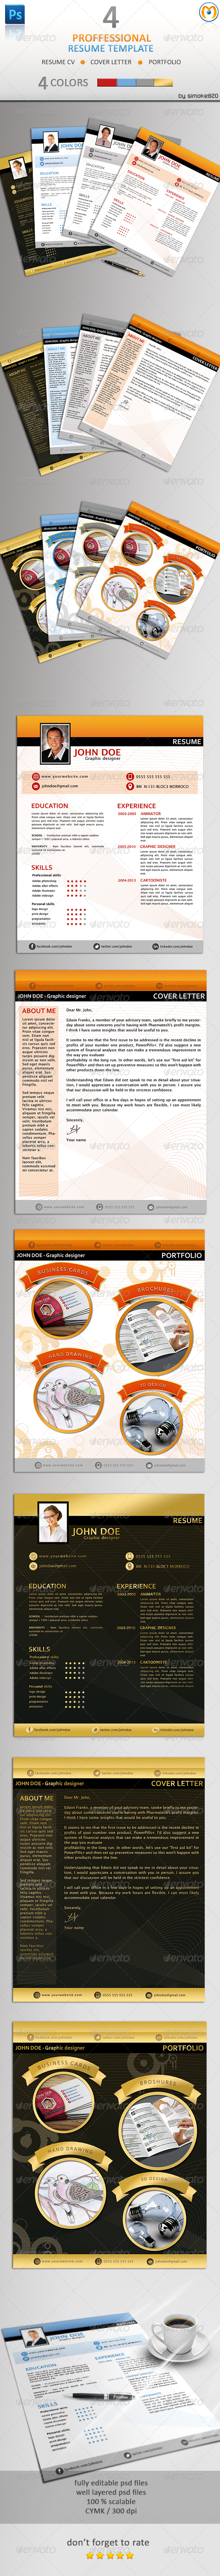 GraphicRiver Professional Resume CV V.2 6032780